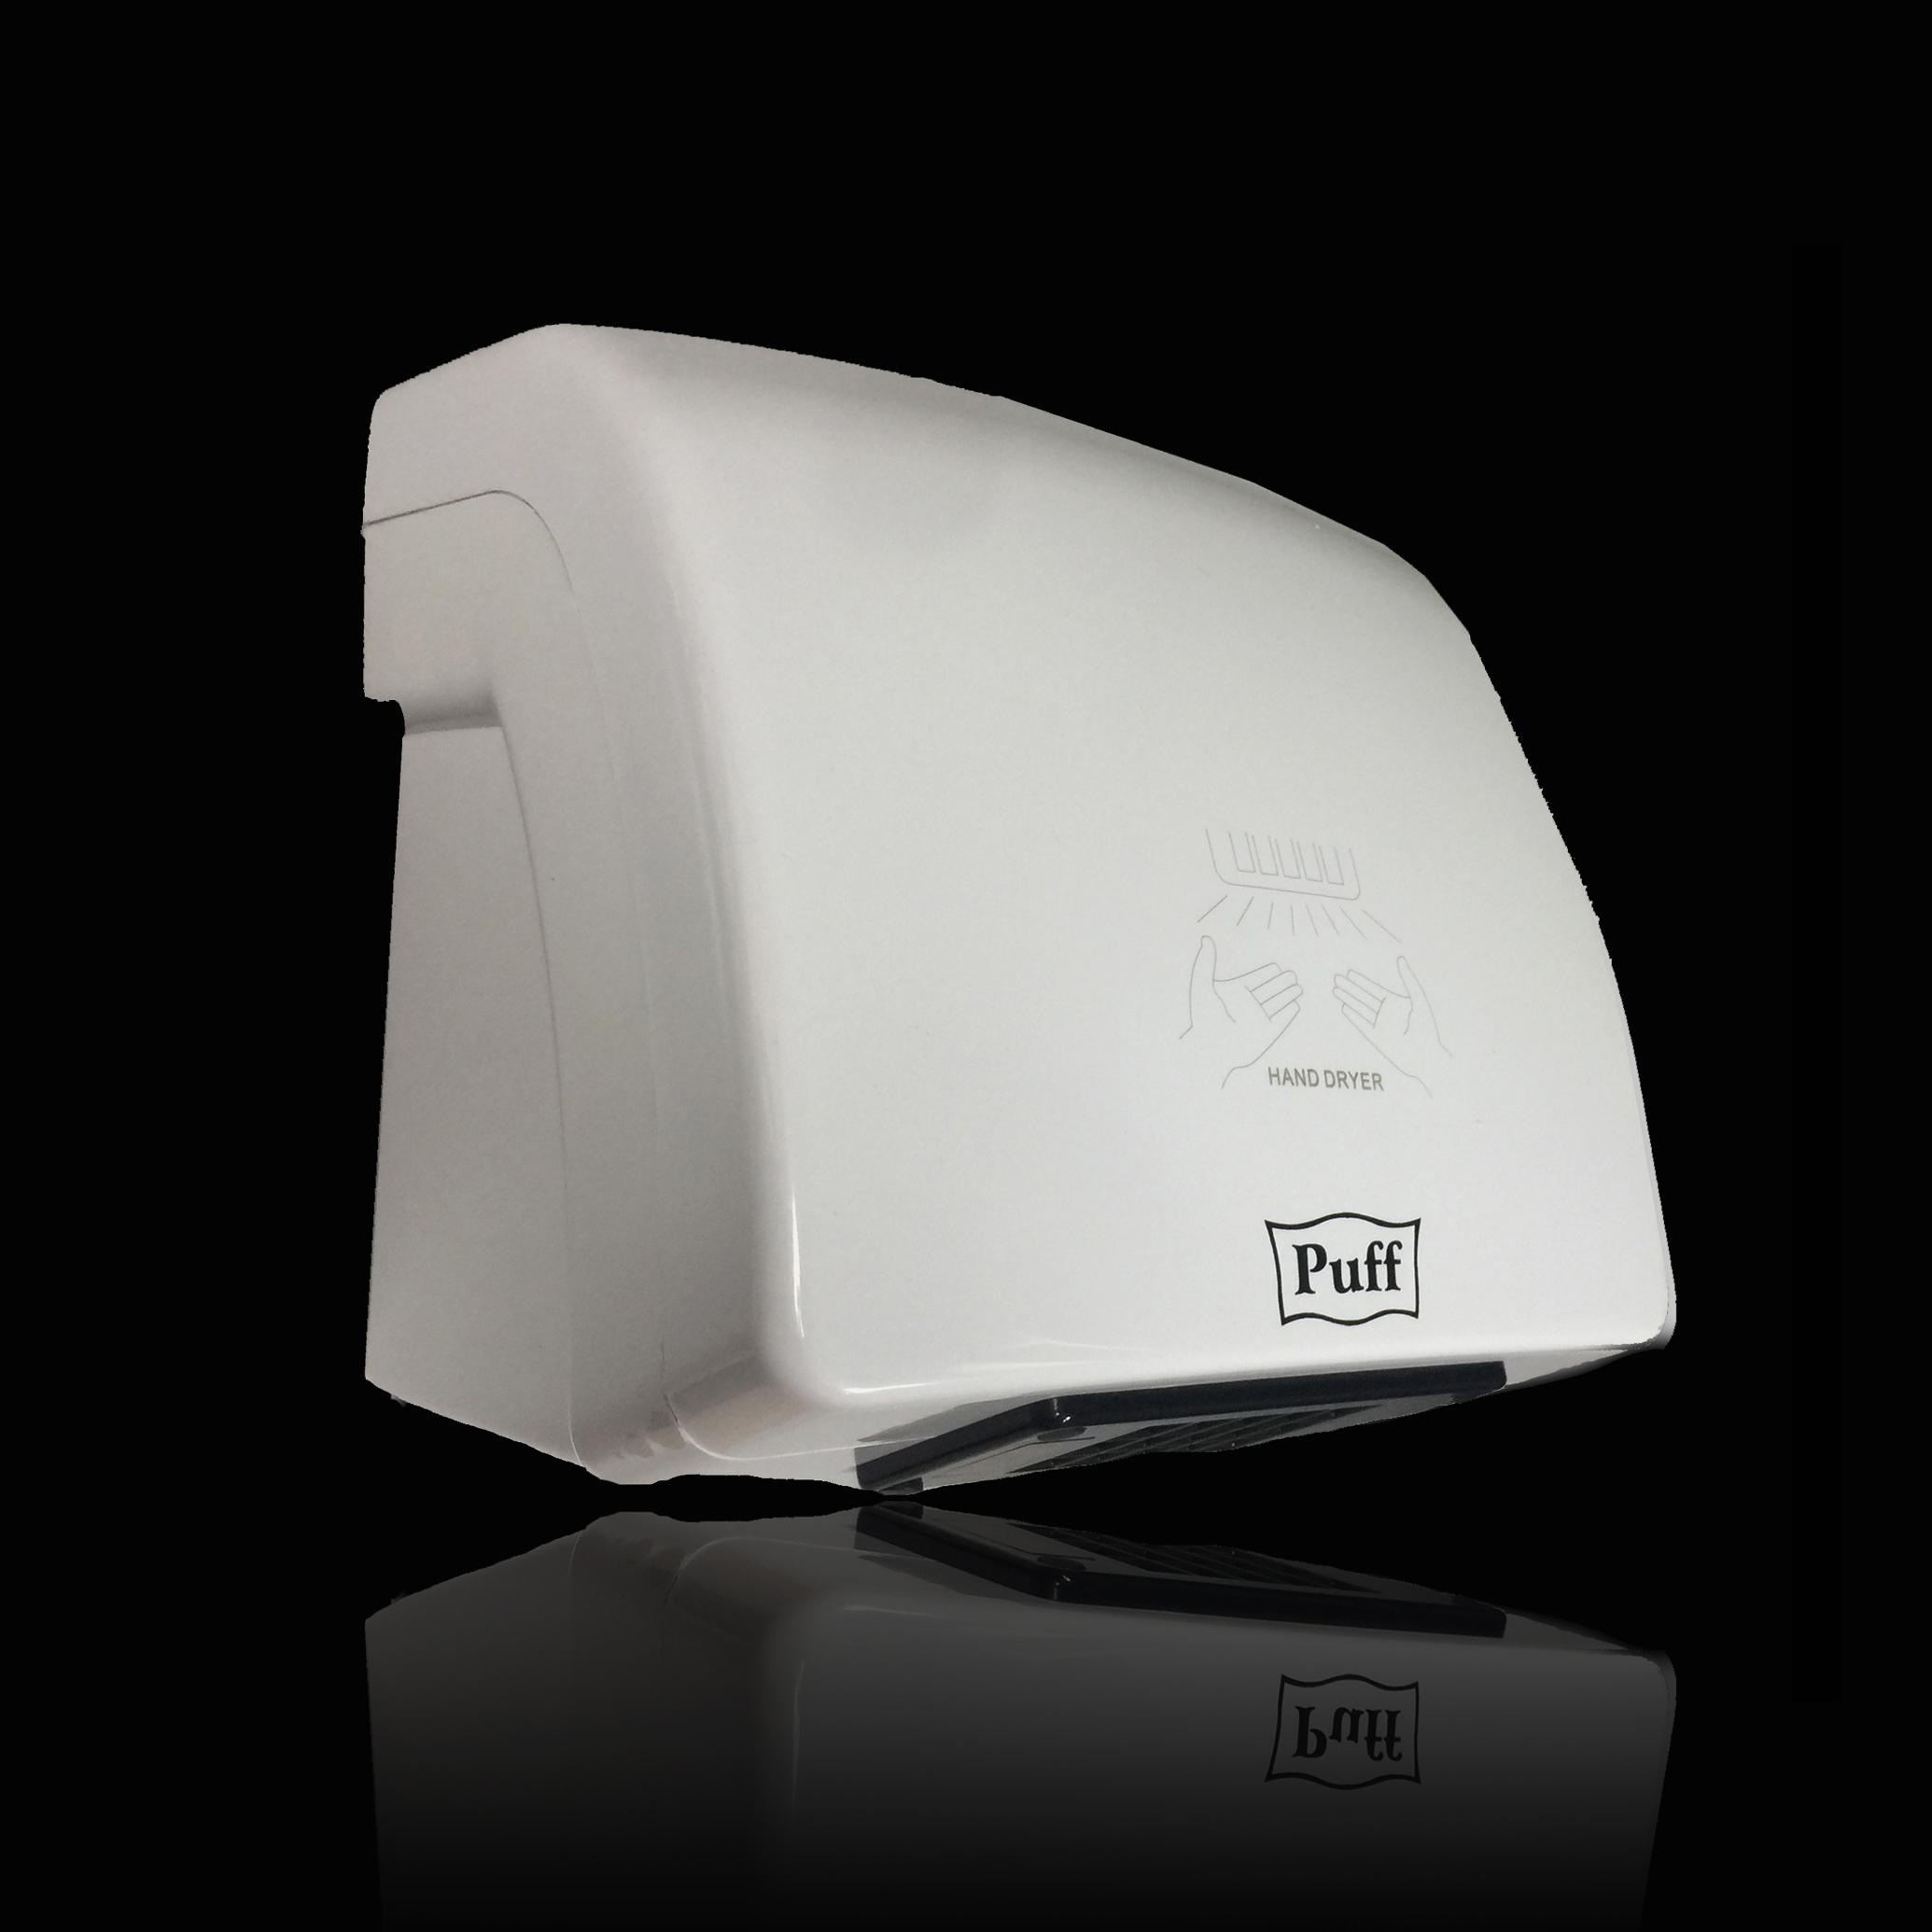 Тихая сушилка для рукPuff-8830 Подробнее   Малошумная. Оптимальное соотношение всех характеристик. Сбалансированная мощность и скорость воздушного потока. Классический дизайн     Материал корпуса: ABC-платикЦвет: БелыйМощность (Вт): 1500Скорость воздушного потока (м/сек): 16Время сушки рук (сек): 15Механизм включения: автоматическийОбласть срабатывания сенсора, см: 5-20Уровень шума, дБ: 55Температура воздушного потока, С: 60-65°СКласс влагозащищенности: IPX1Защита от перегрева/перегрузки: даВес брутто/нетто, кг: 2,75/2,3Габаритные размеры (мм) (ШхГхВ): 215*195*220Гарантия: 12 мес.